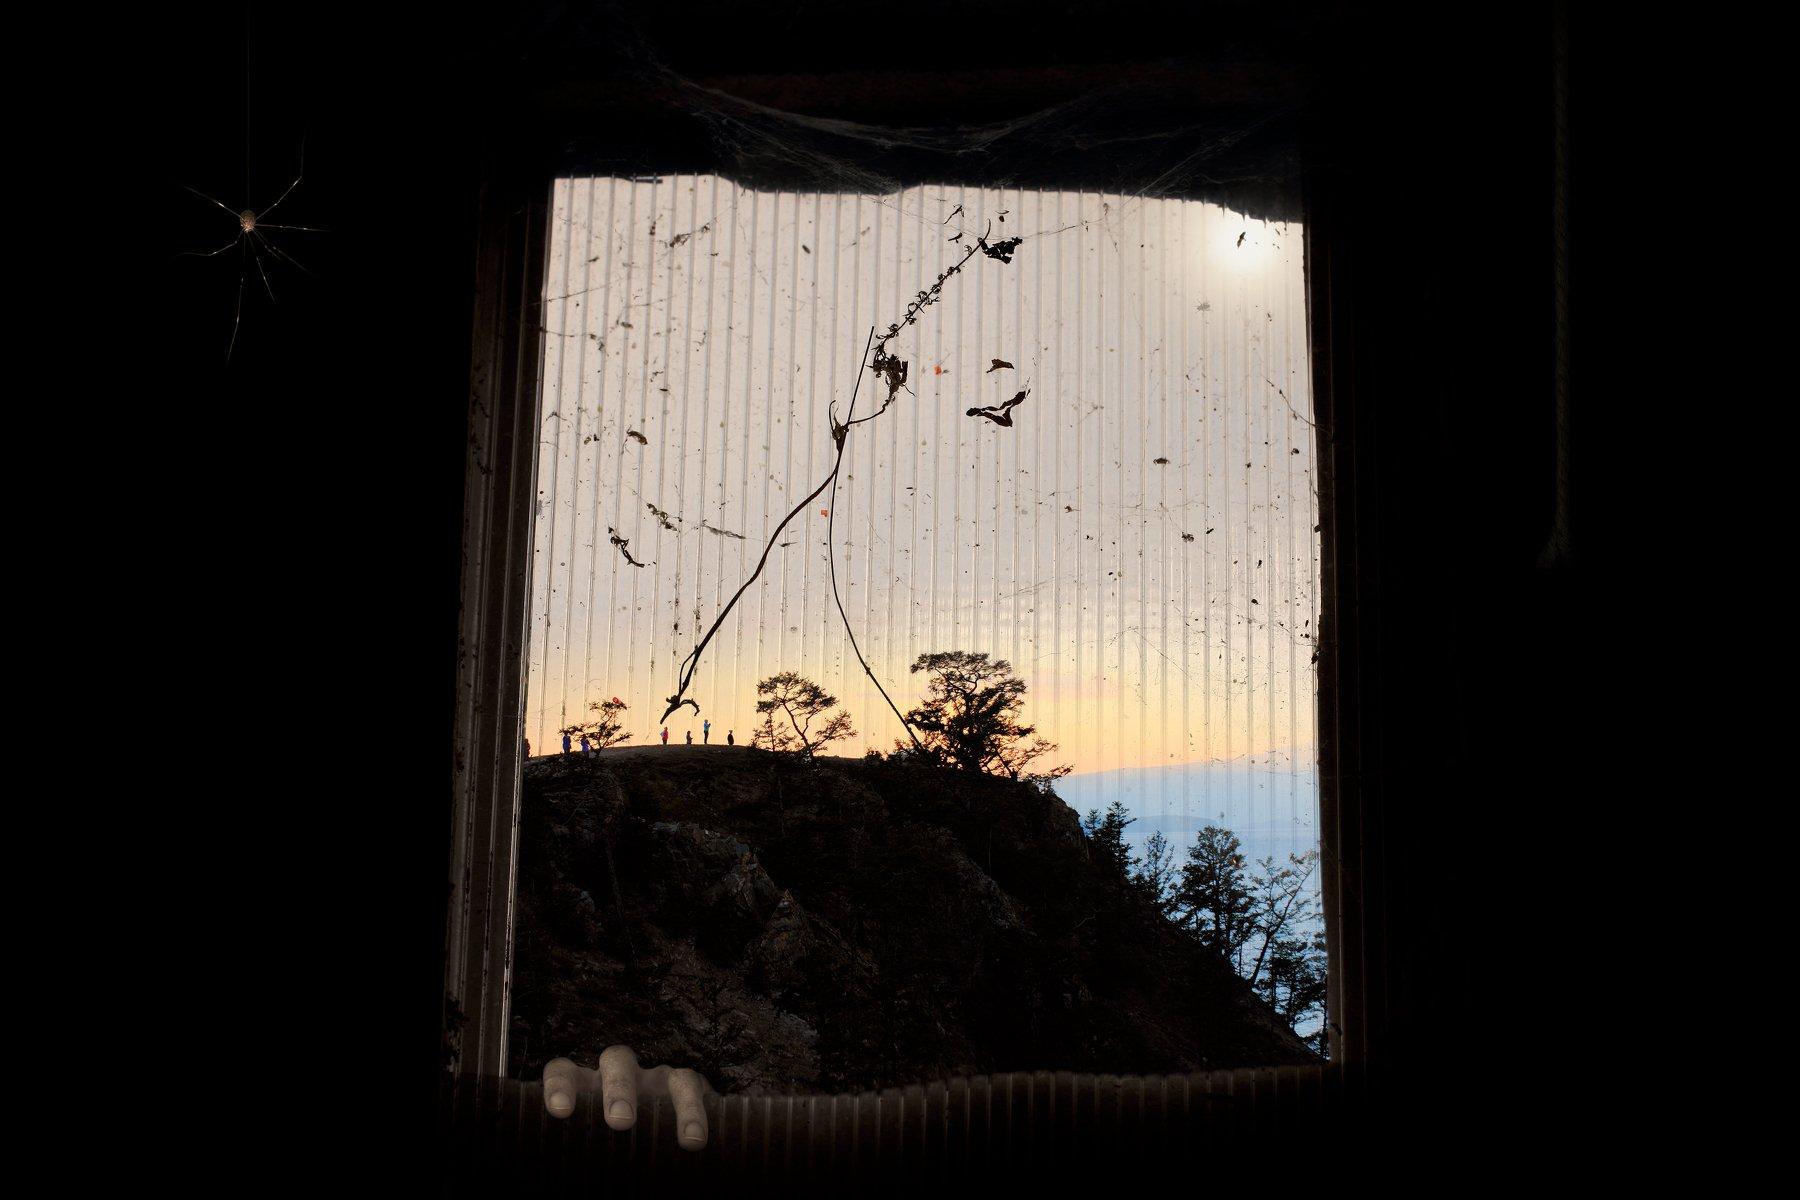 креатив, обработка, концепция, грезы, сны, окно, concept, evening, dreams, window, Салтыков Дмитрий